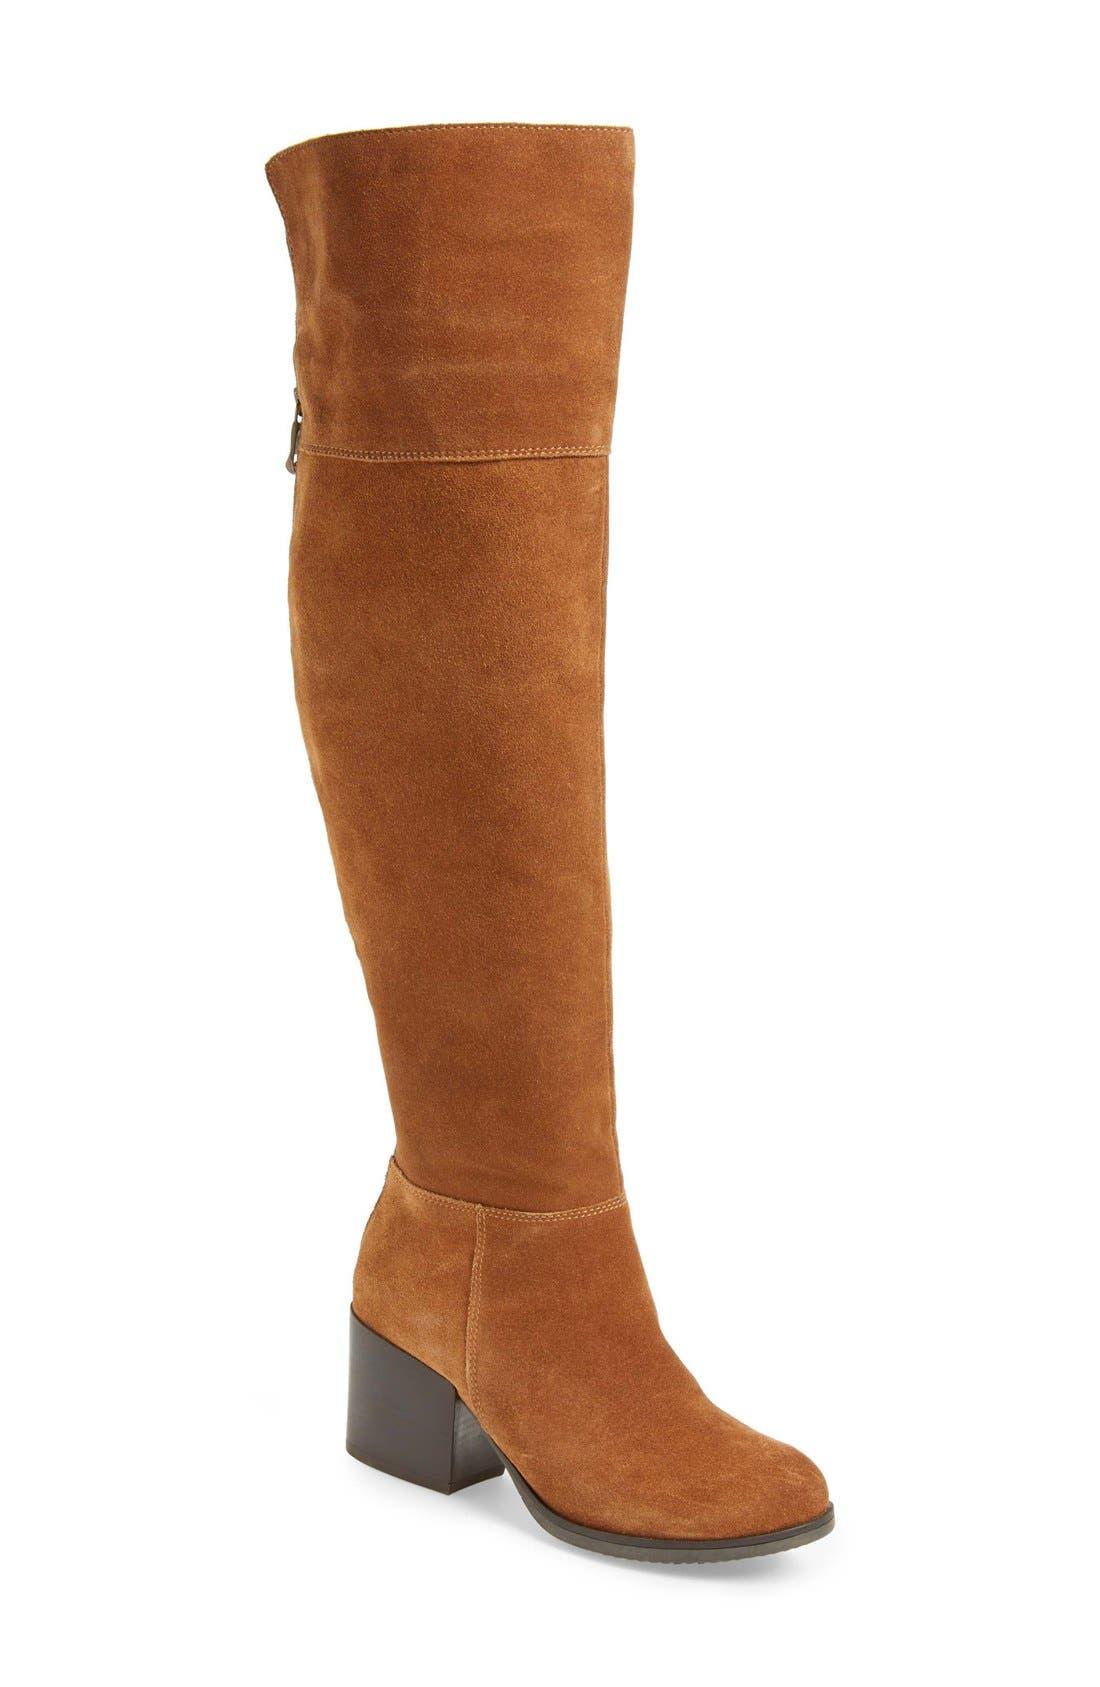 Main Image - Steve Madden 'Orabela' Knee High Boot (Women)